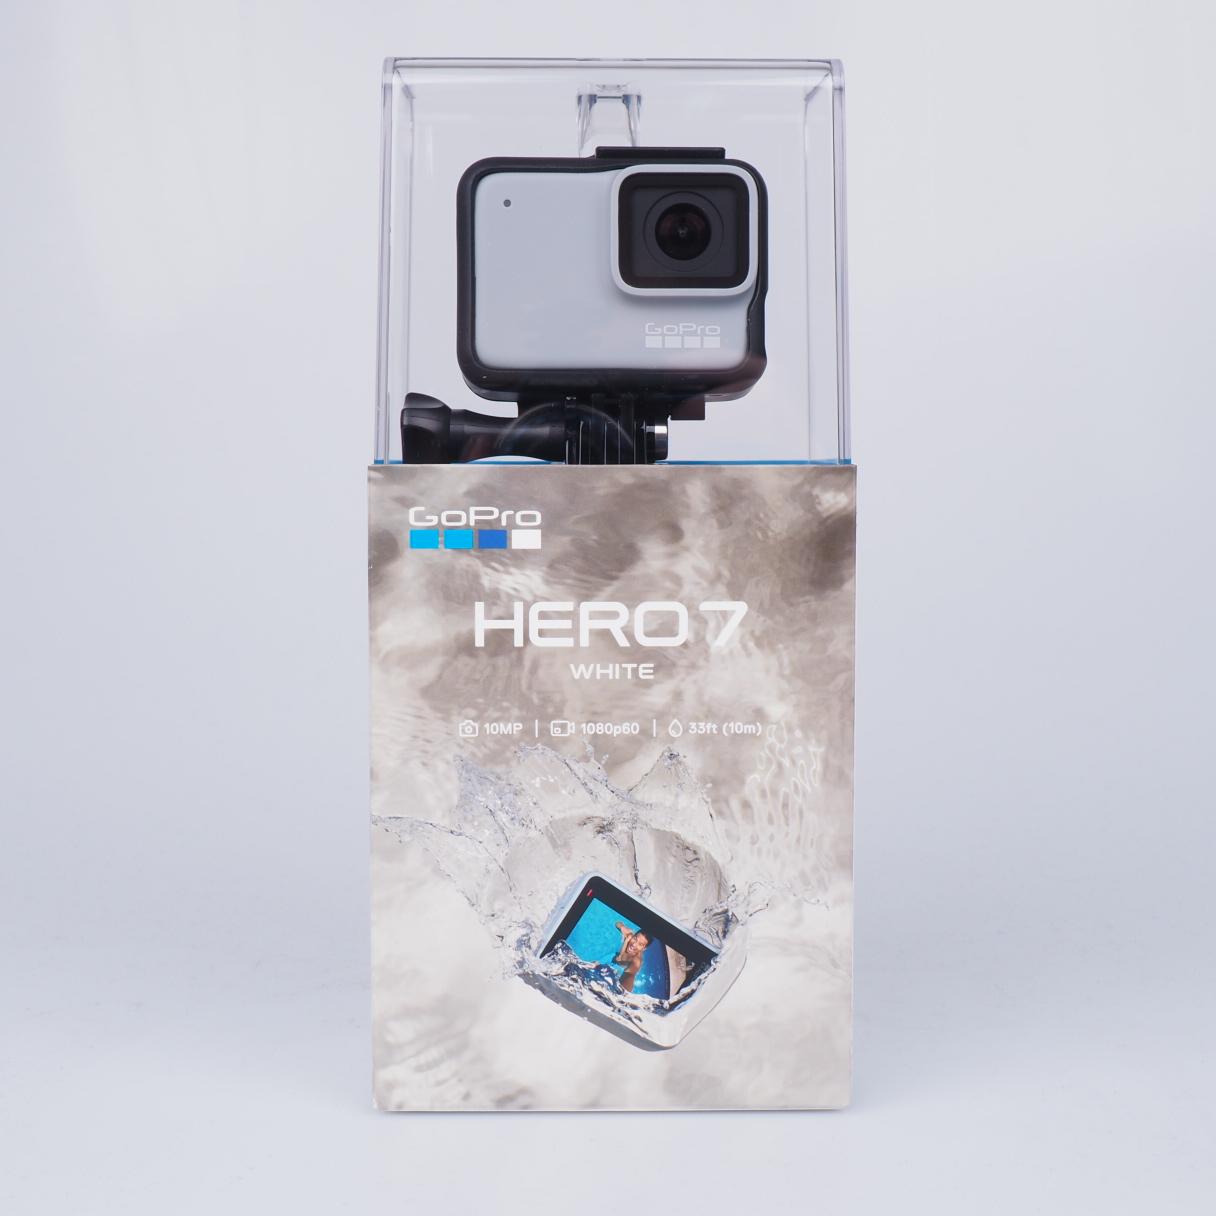 GoPro HERO7 White Cámara de Acción HD